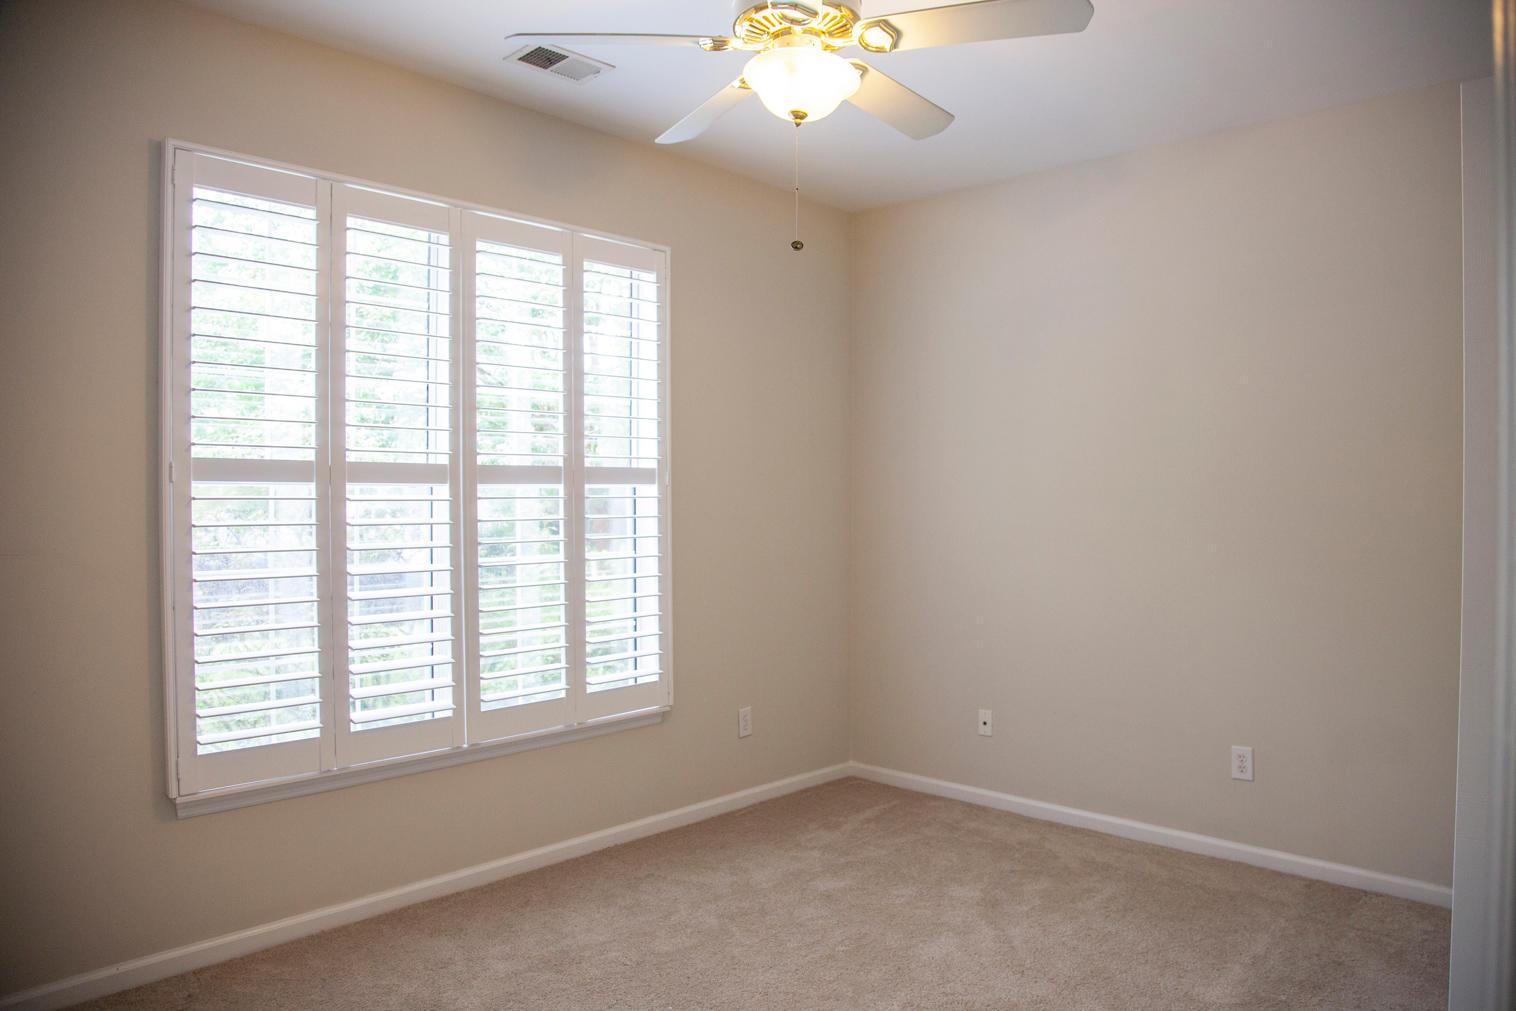 Park West Homes For Sale - 3190 John Bartram Place, Mount Pleasant, SC - 29